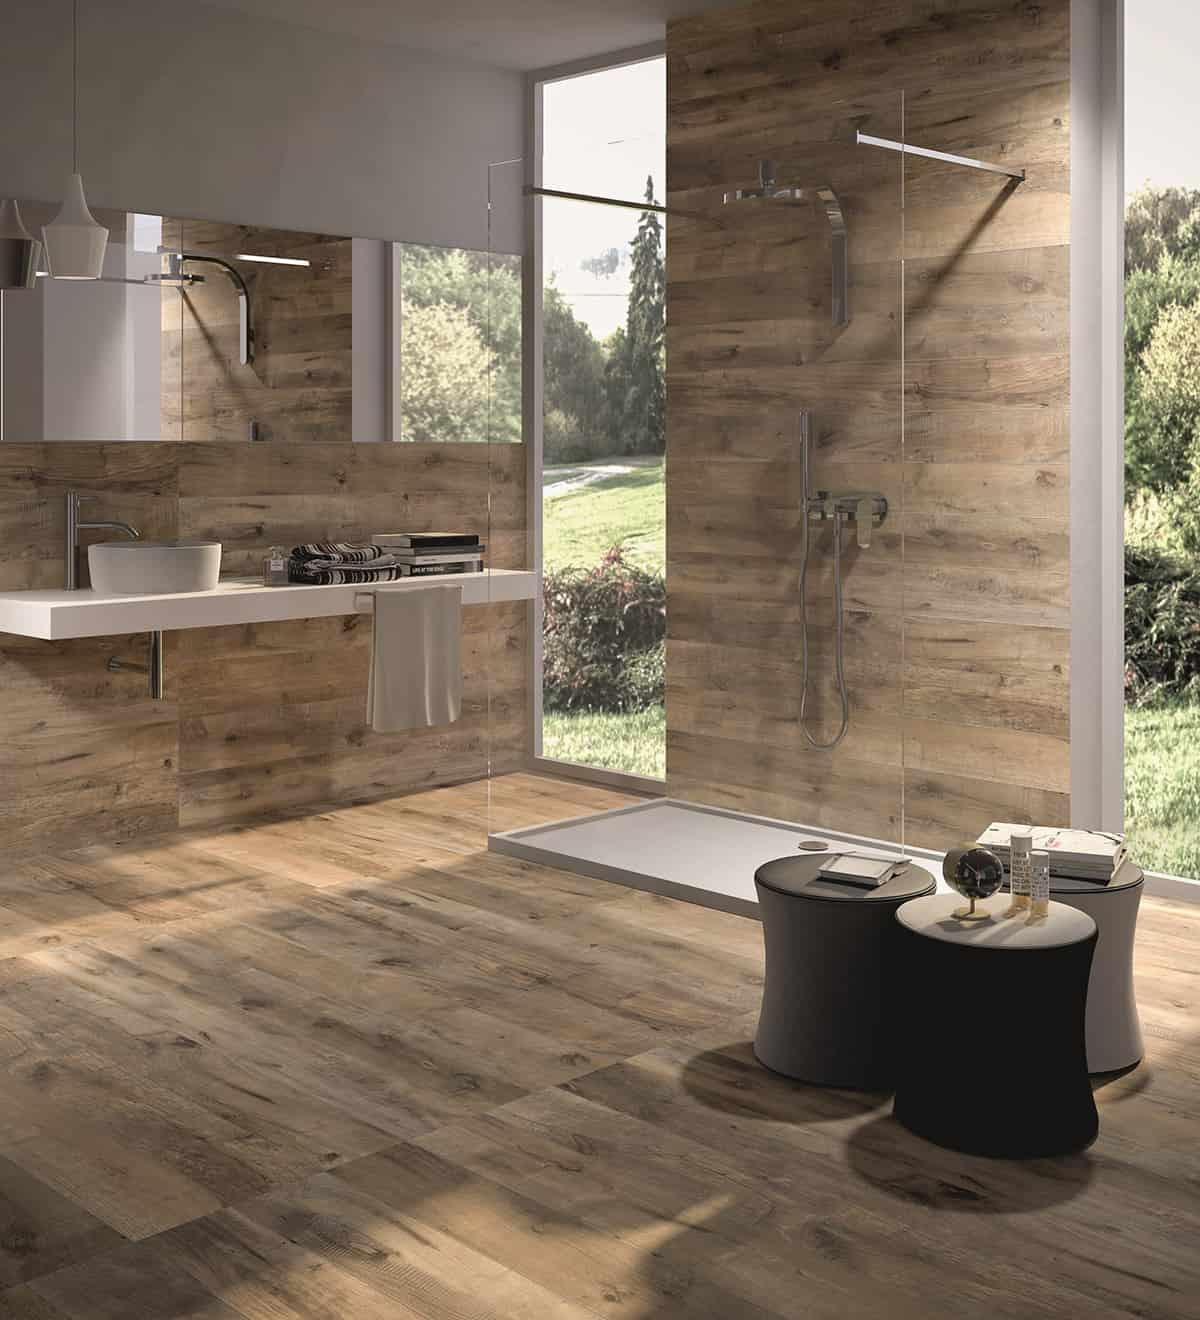 Bathroom Ceramic Floor Tile Ideas  Wood Look Tile 17 Distressed Rustic Modern Ideas